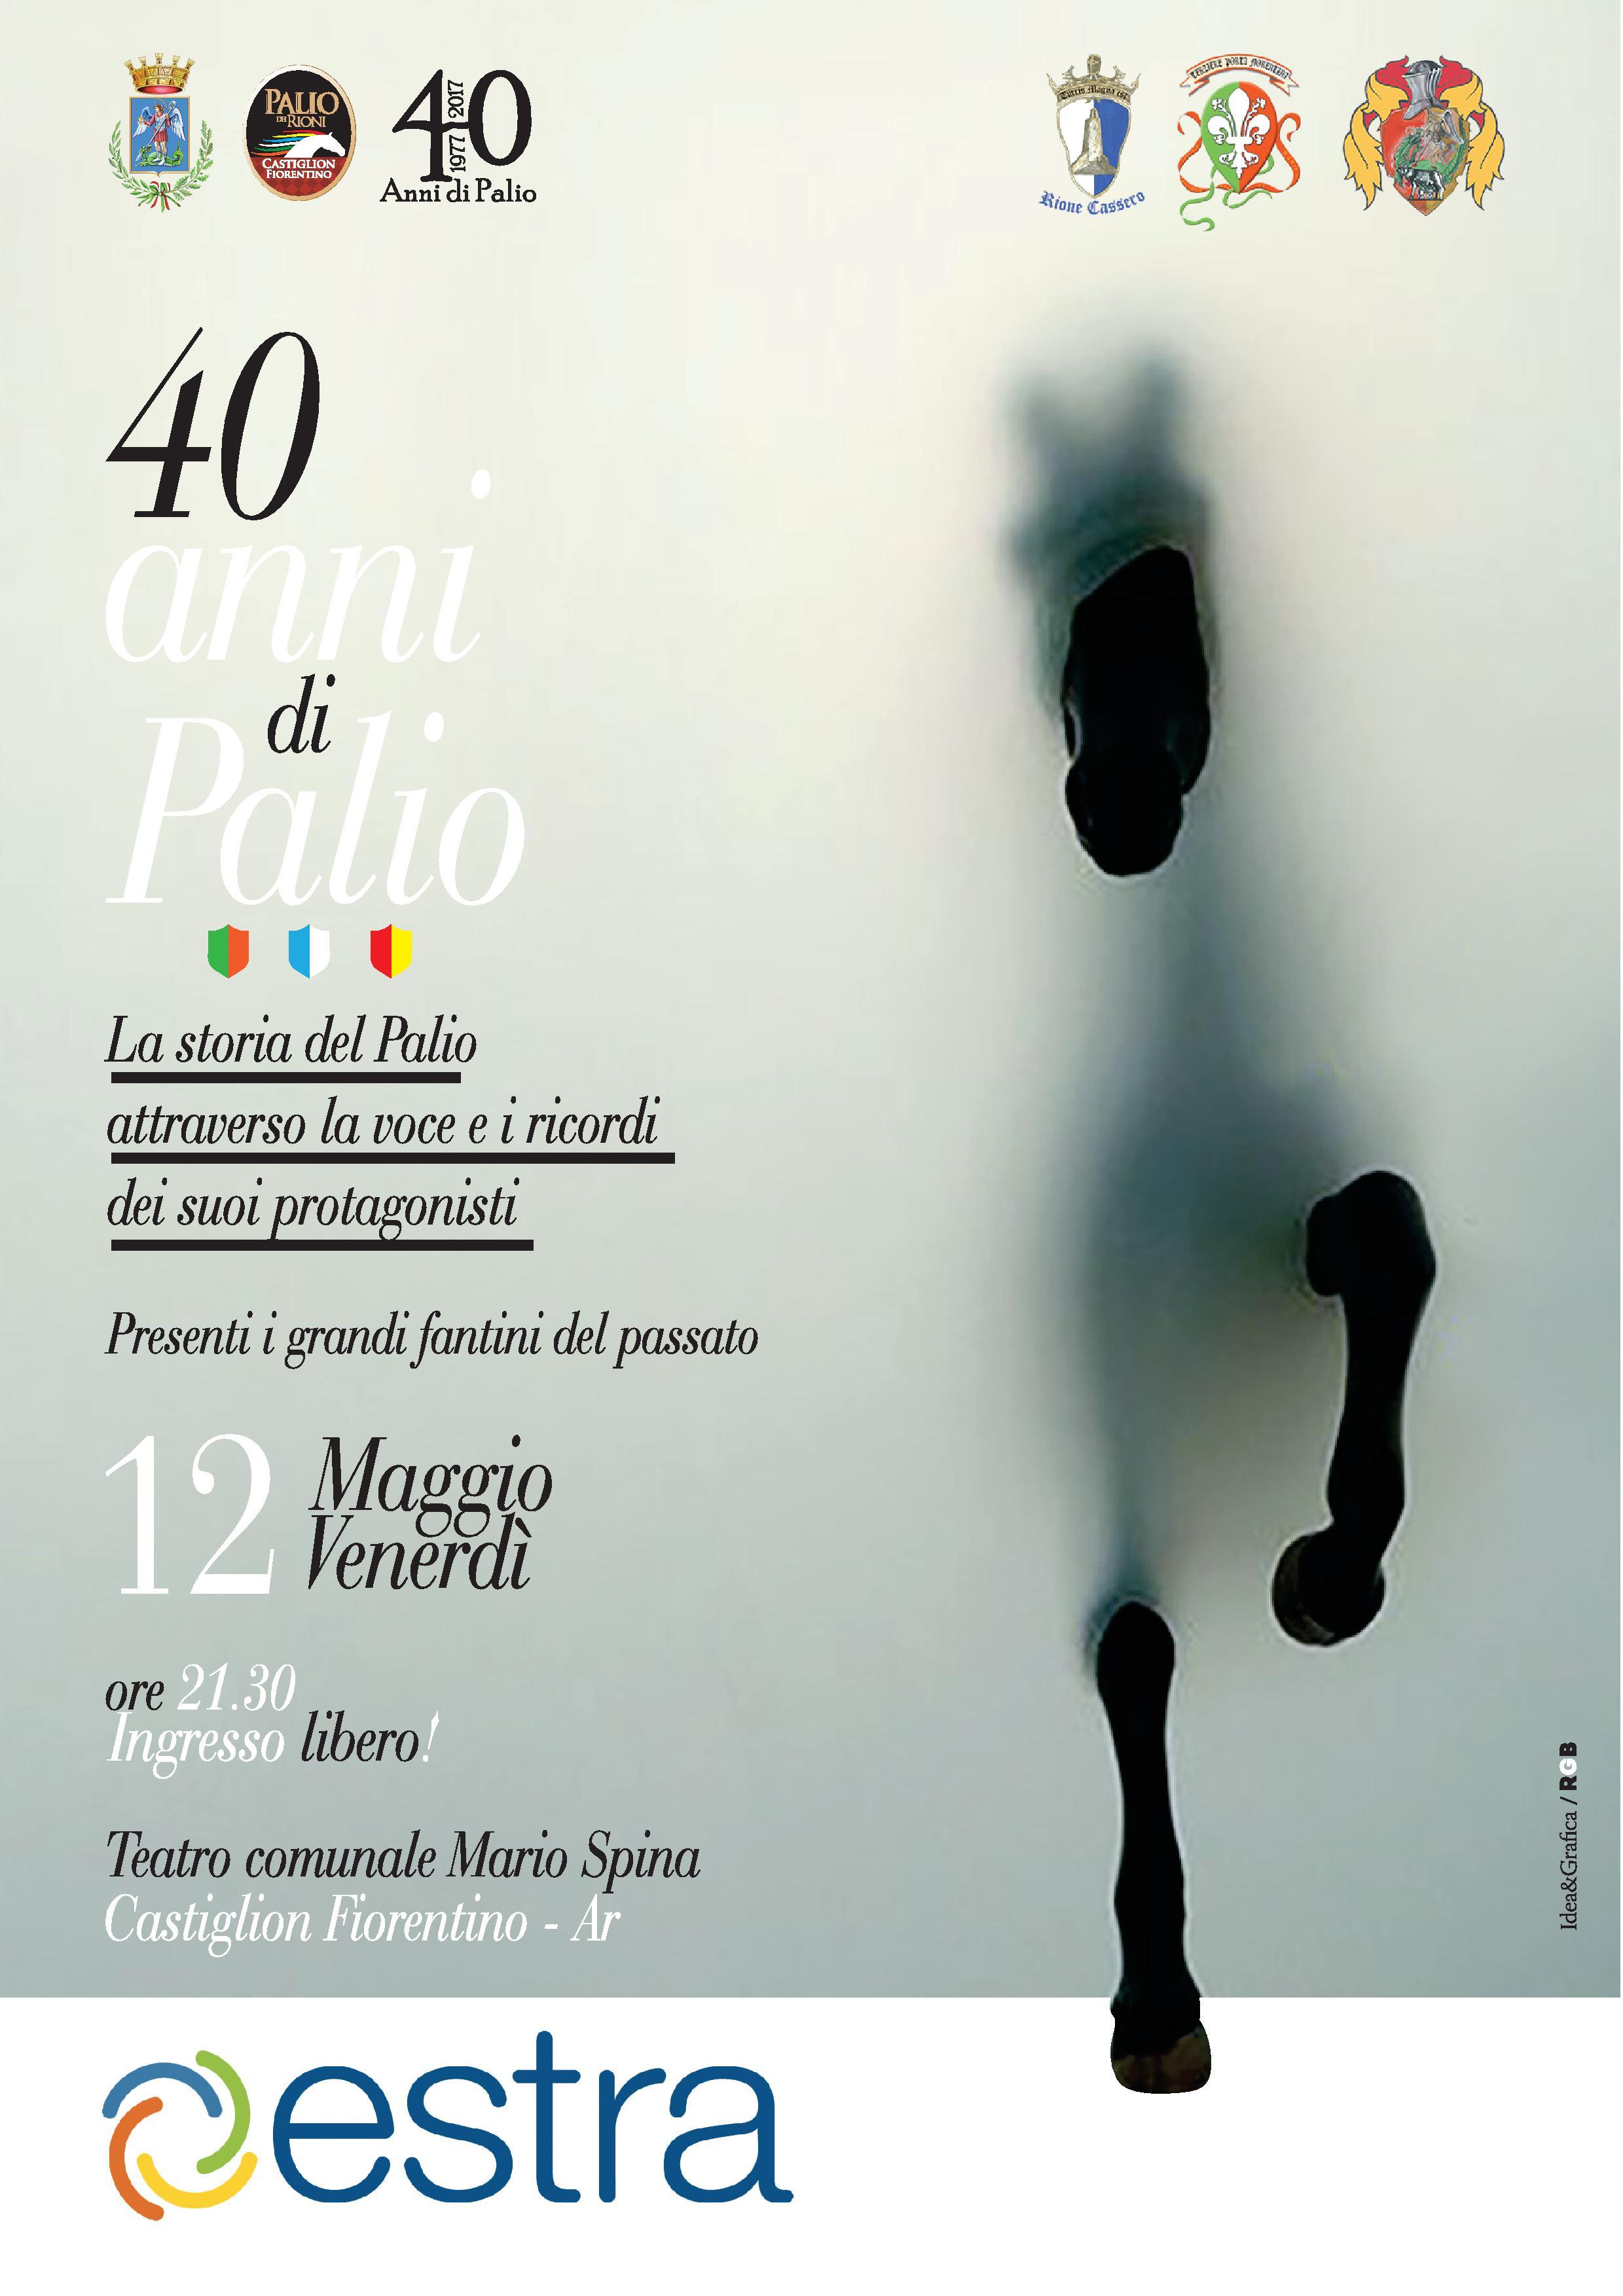 40 anni di Palio a Castiglioni, una serata amarcord allo Spina